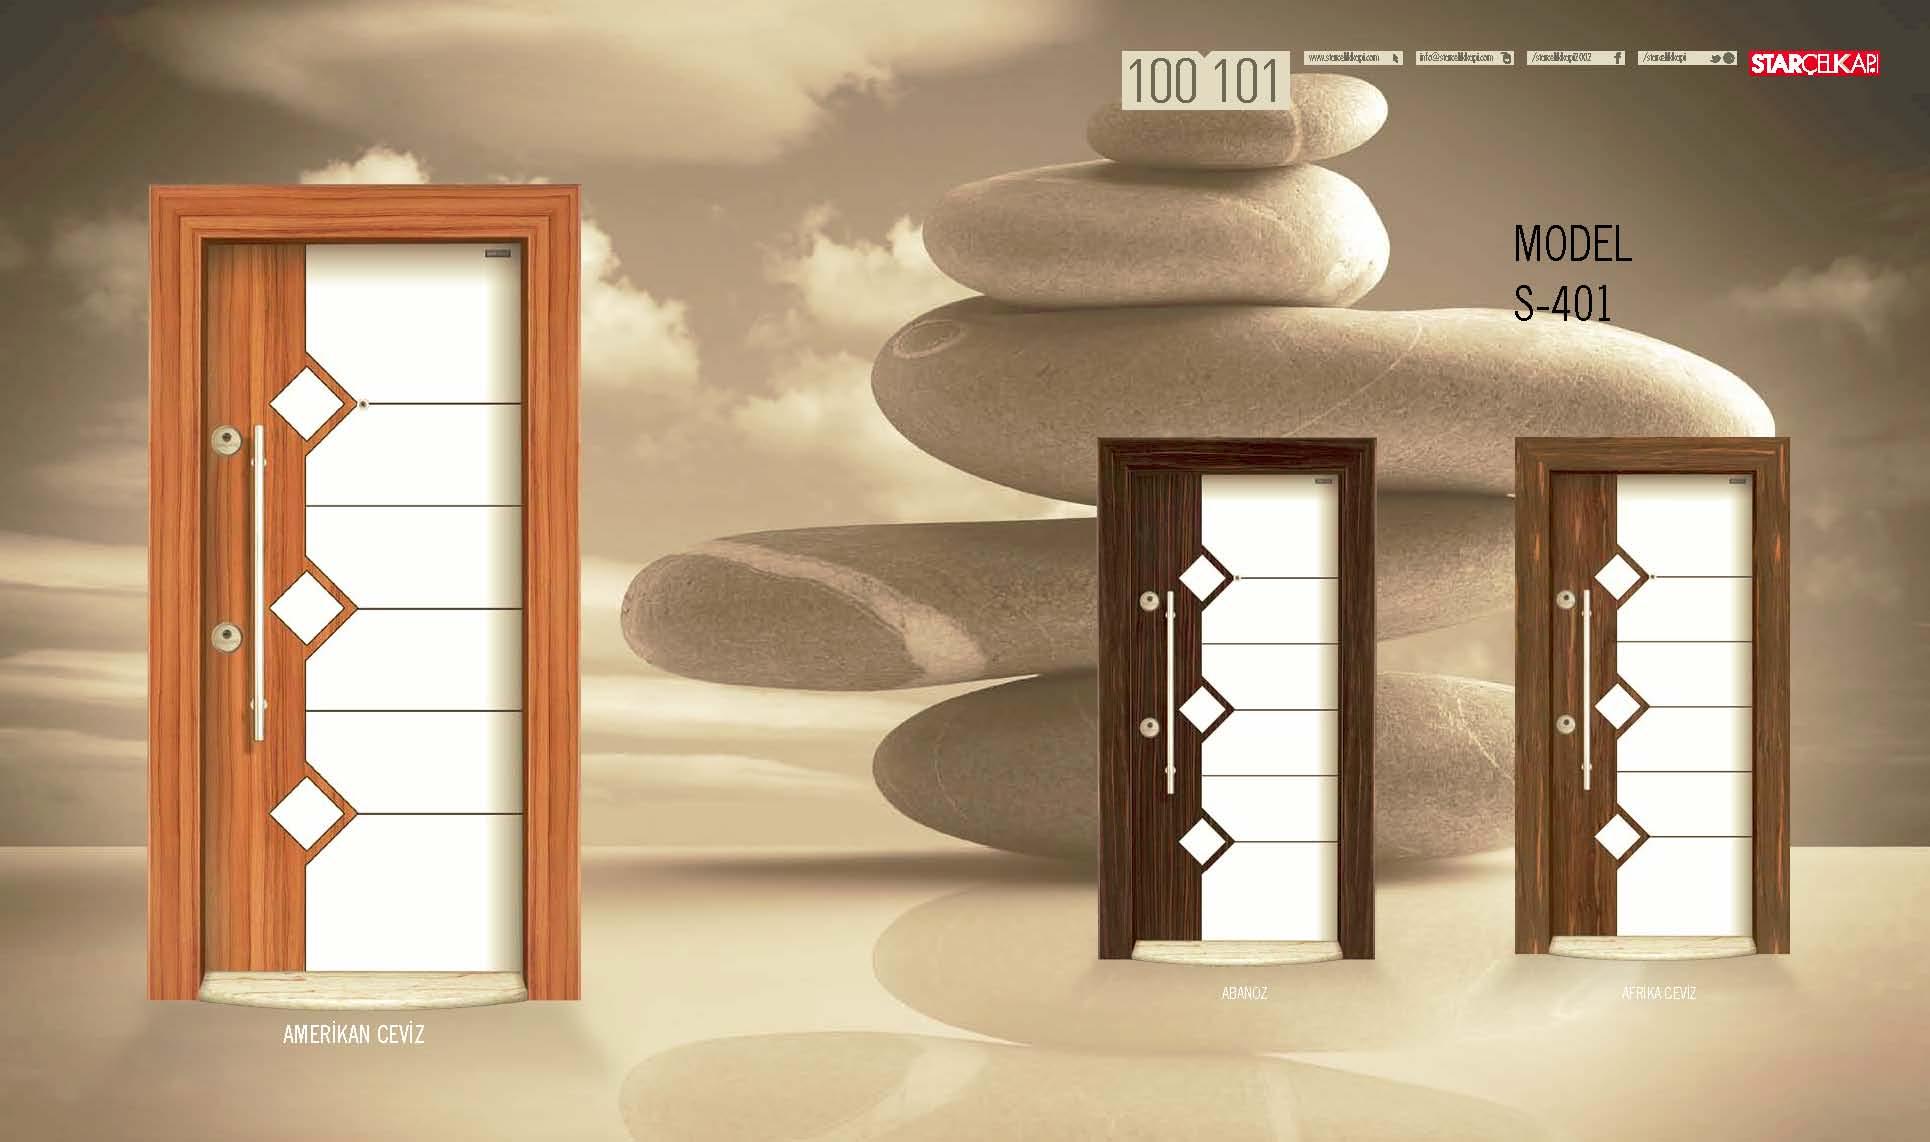 vhodni-vrati-starcelik_page_51